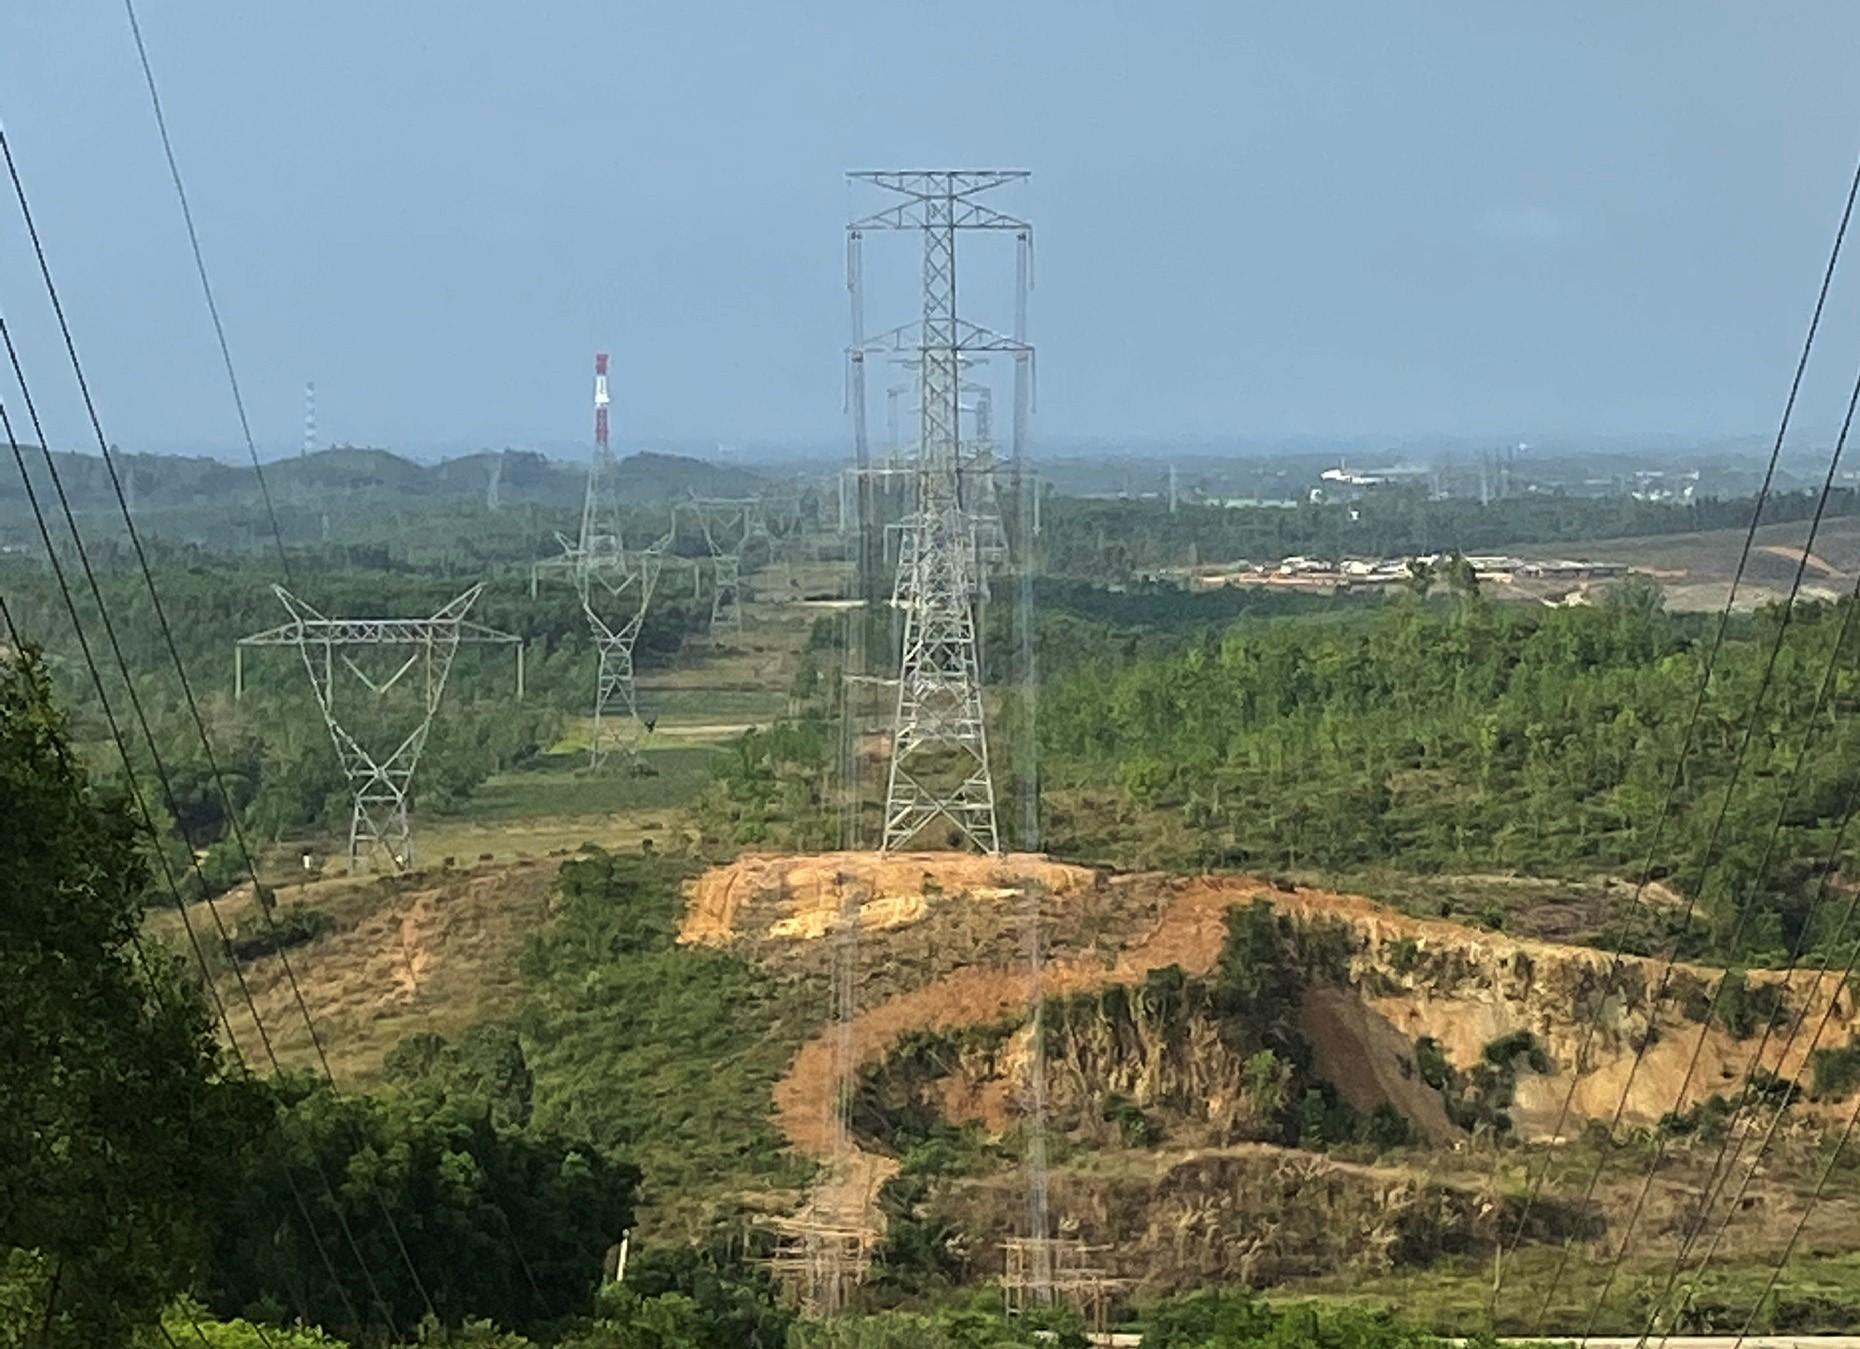 Đường dây 500 kV mạch 3 đoạn Dốc Sỏi - Pleiku 2 (Ảnh: EVNNPT)